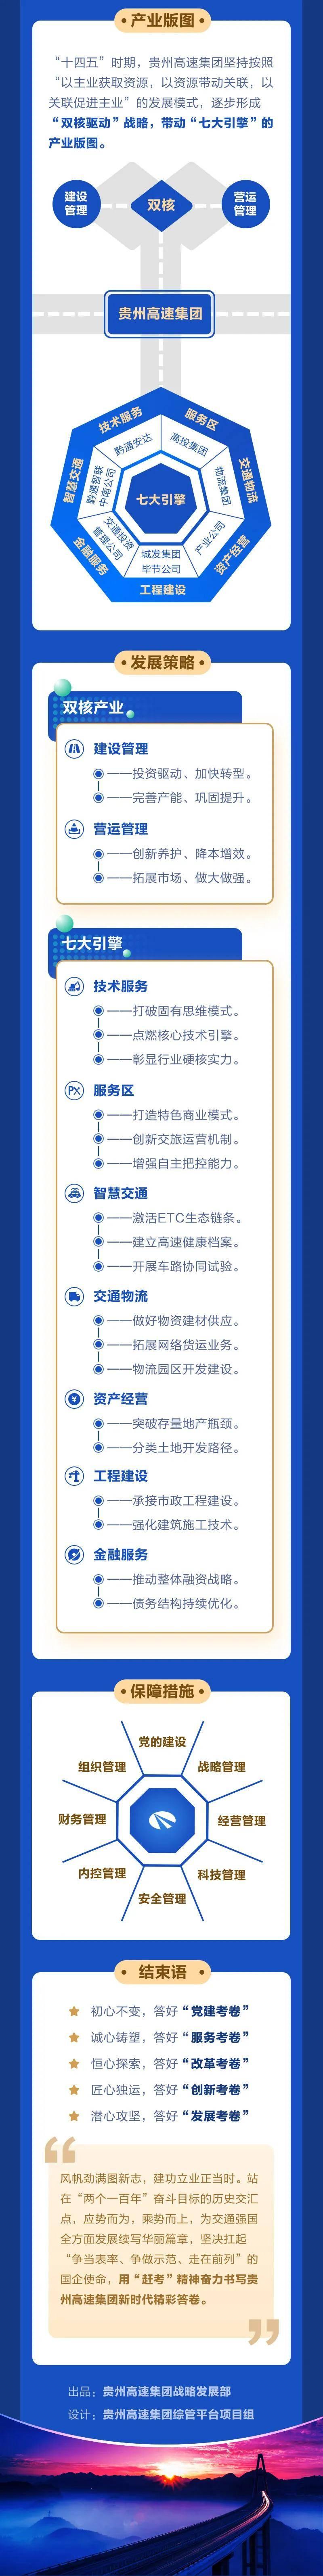 """贵州高速集团""""十四五""""发展规划正式出炉"""